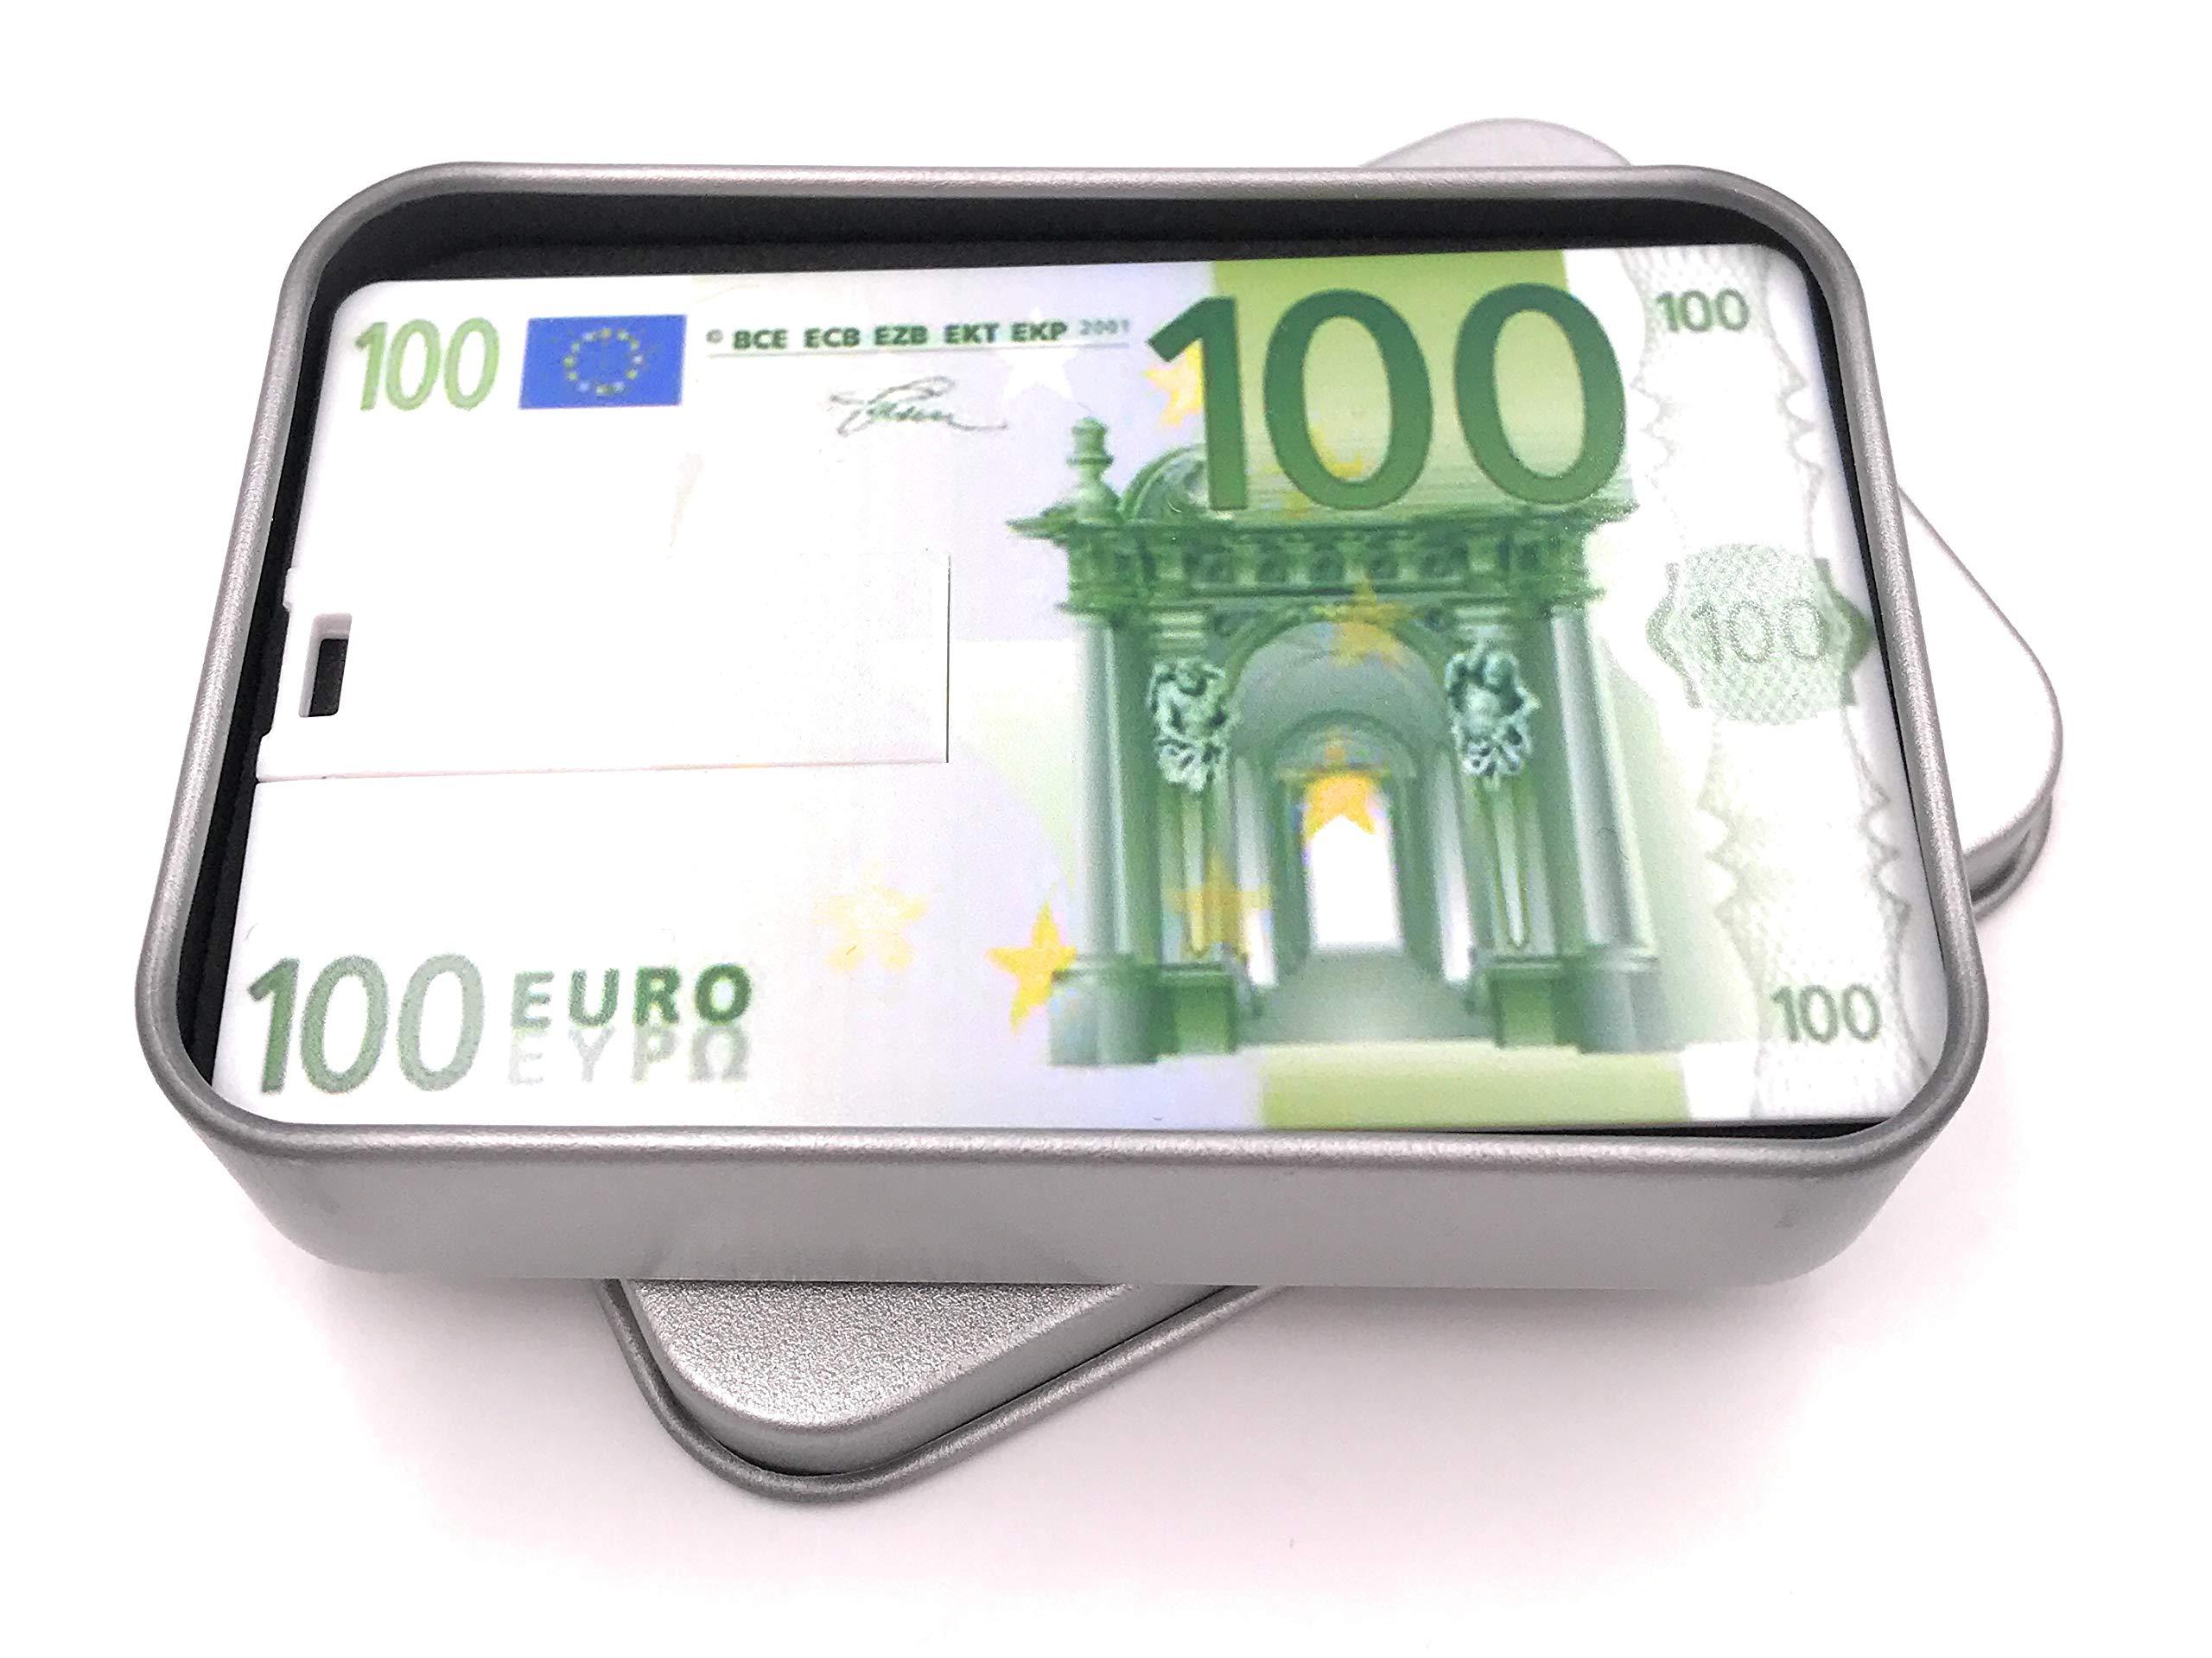 Onwomania Formato de Billetes de Billetes en Euros. Memoria USB Stick en Caja de Regalo de ALU 64 GB USB 2.0: Amazon.es: Electrónica